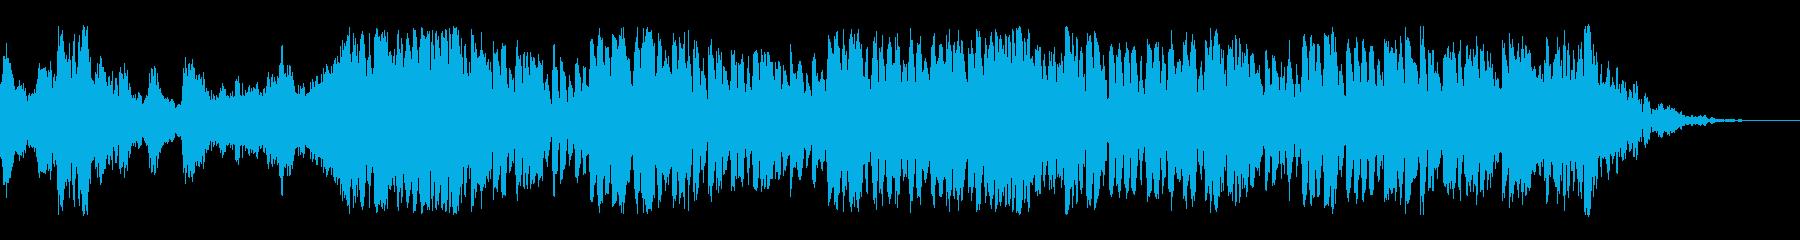 FPSゲームの準備中のようなBGMの再生済みの波形